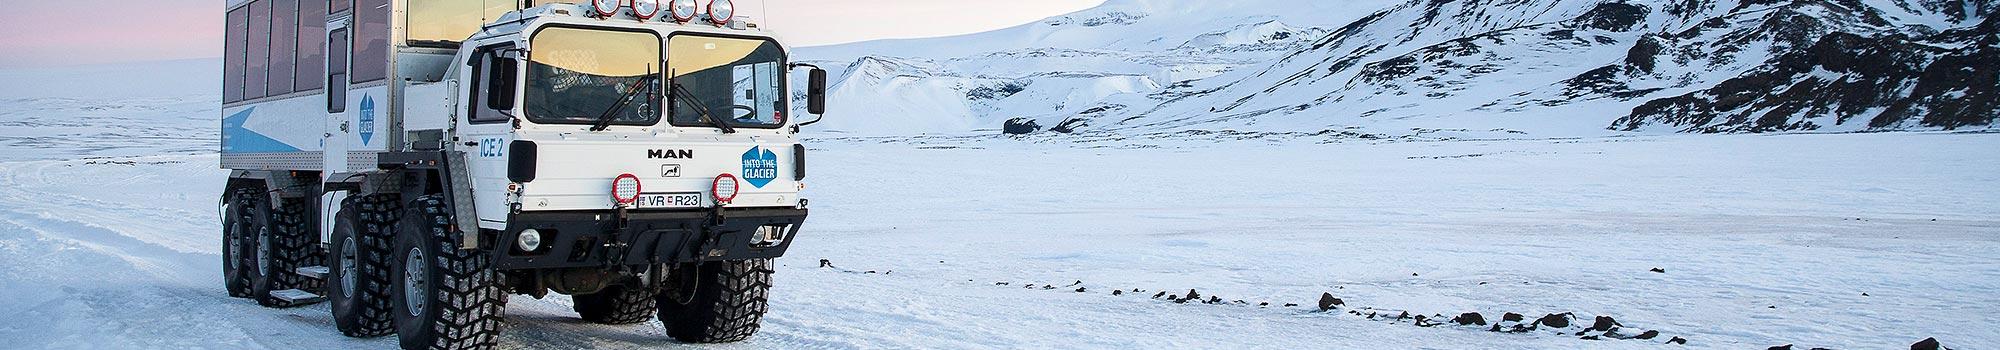 langjokull-glacier-area